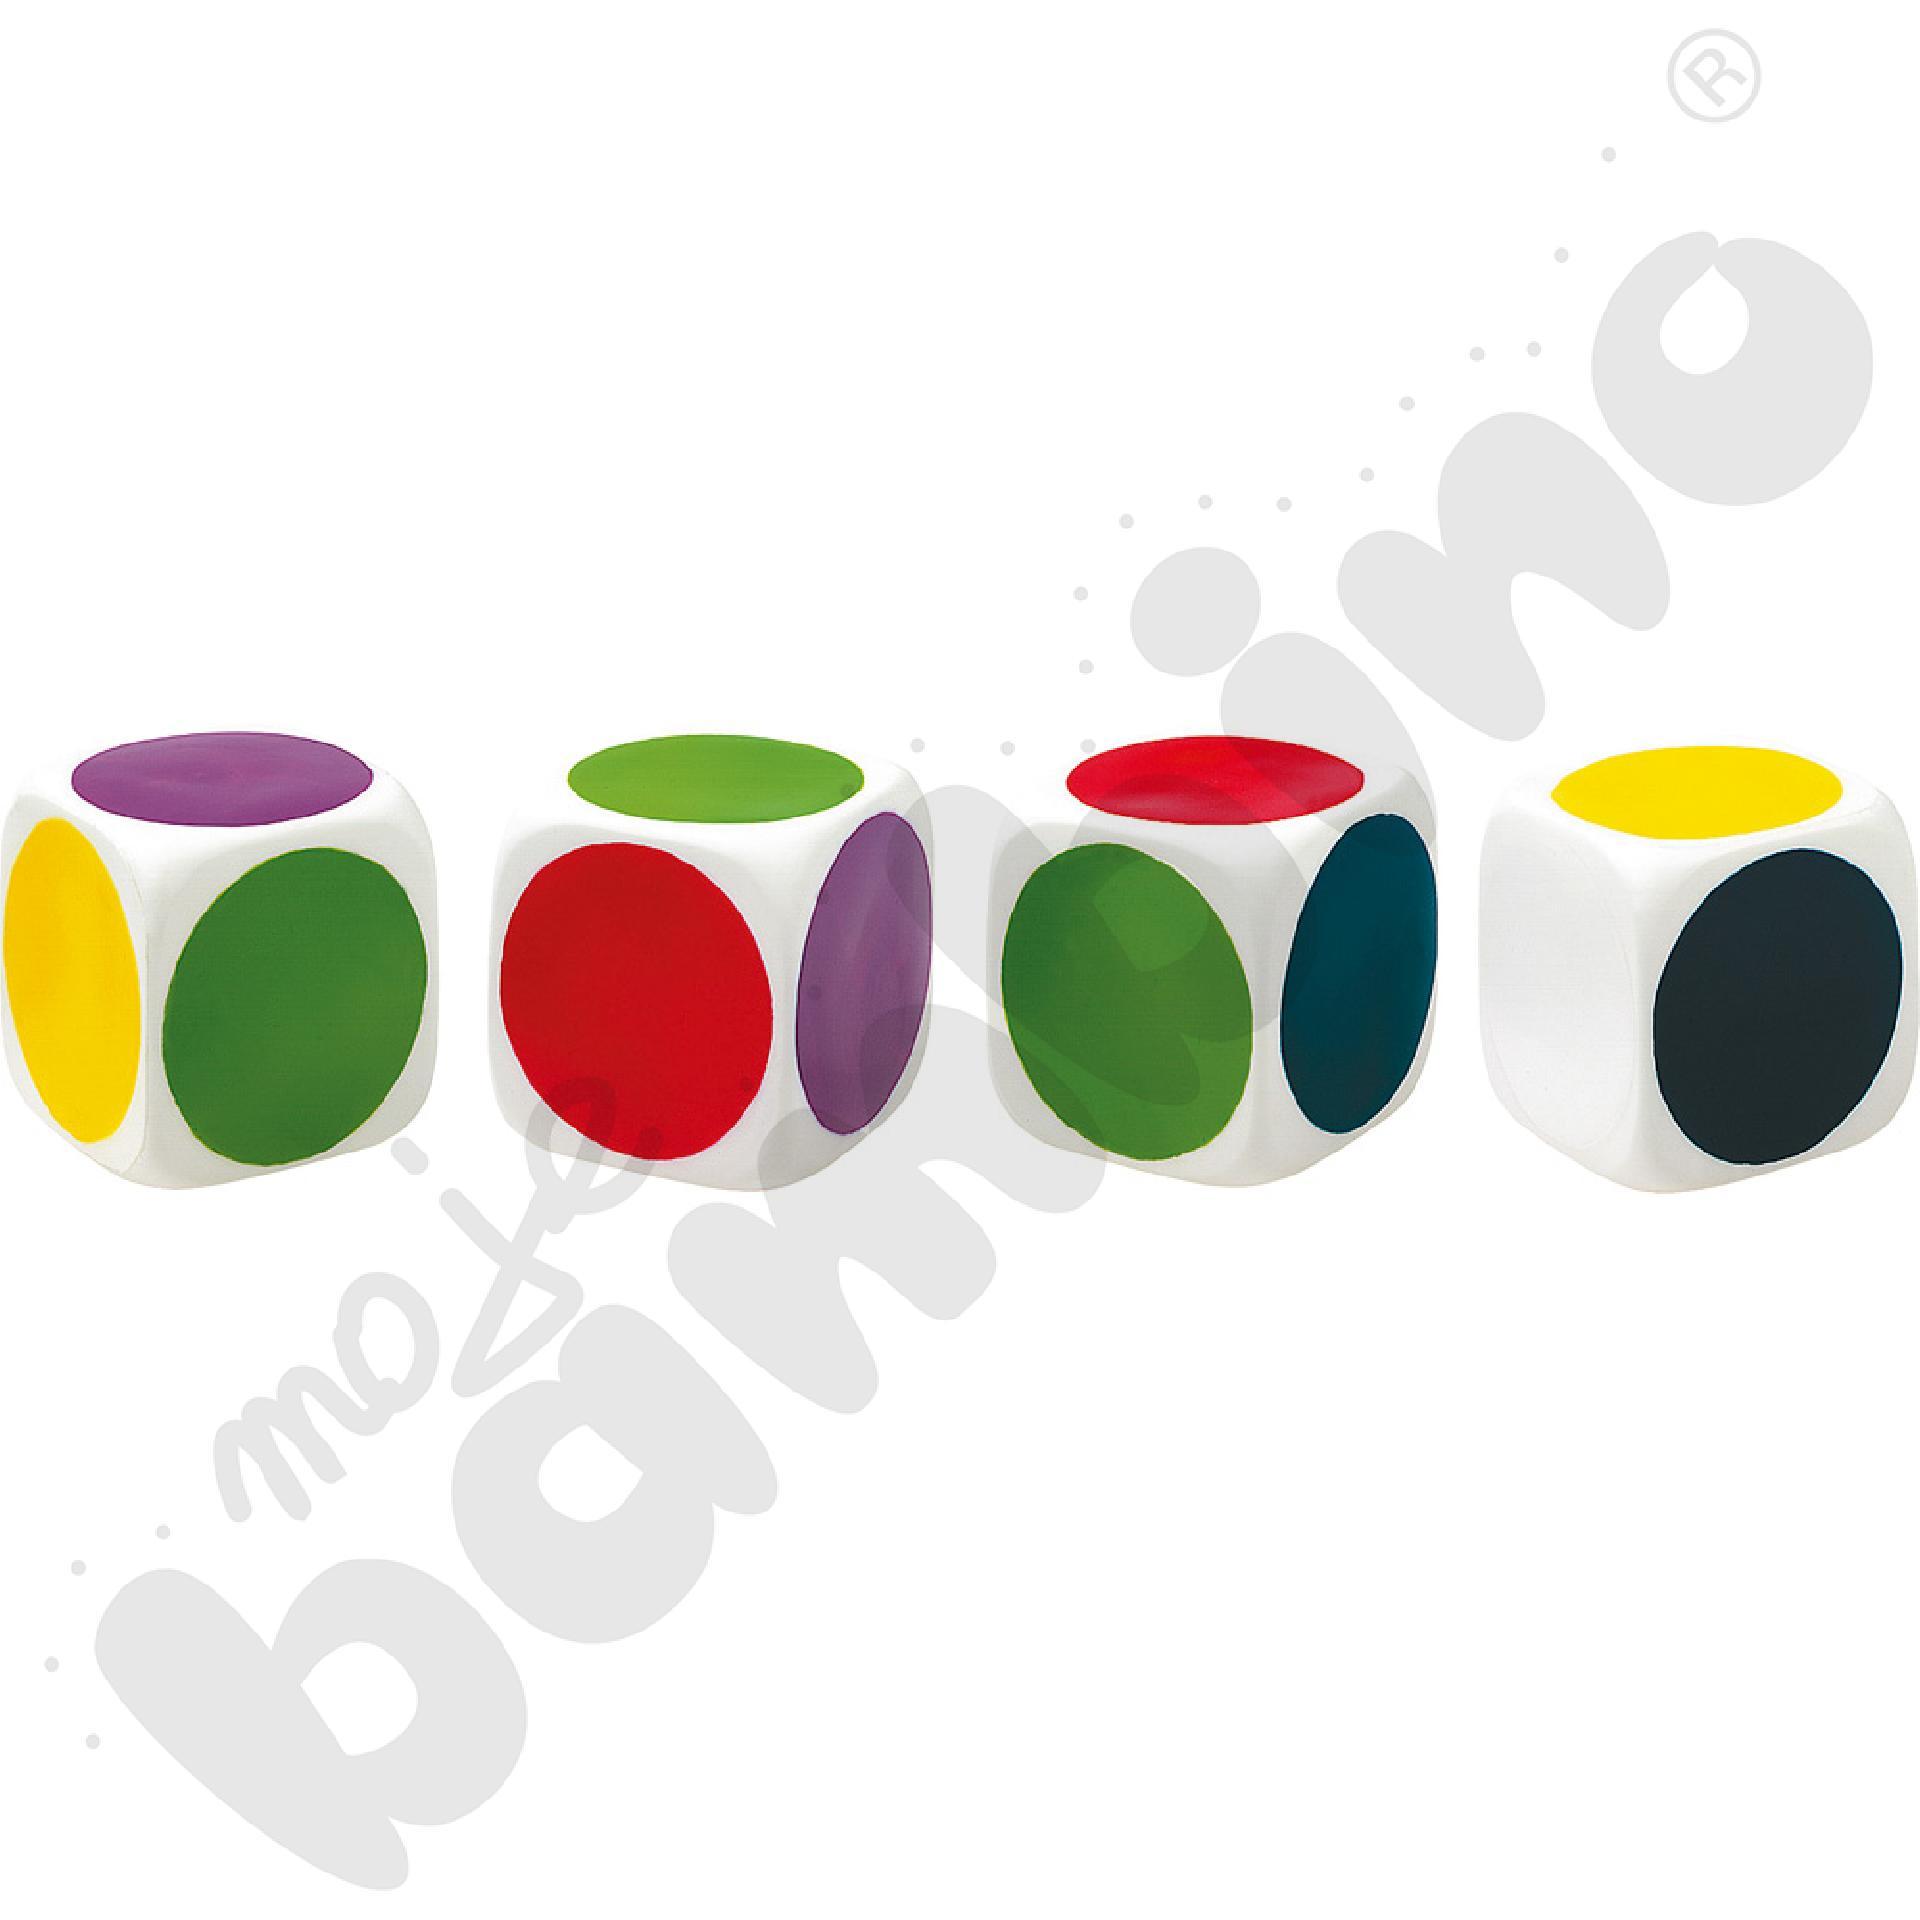 Duża kostka z kolorami